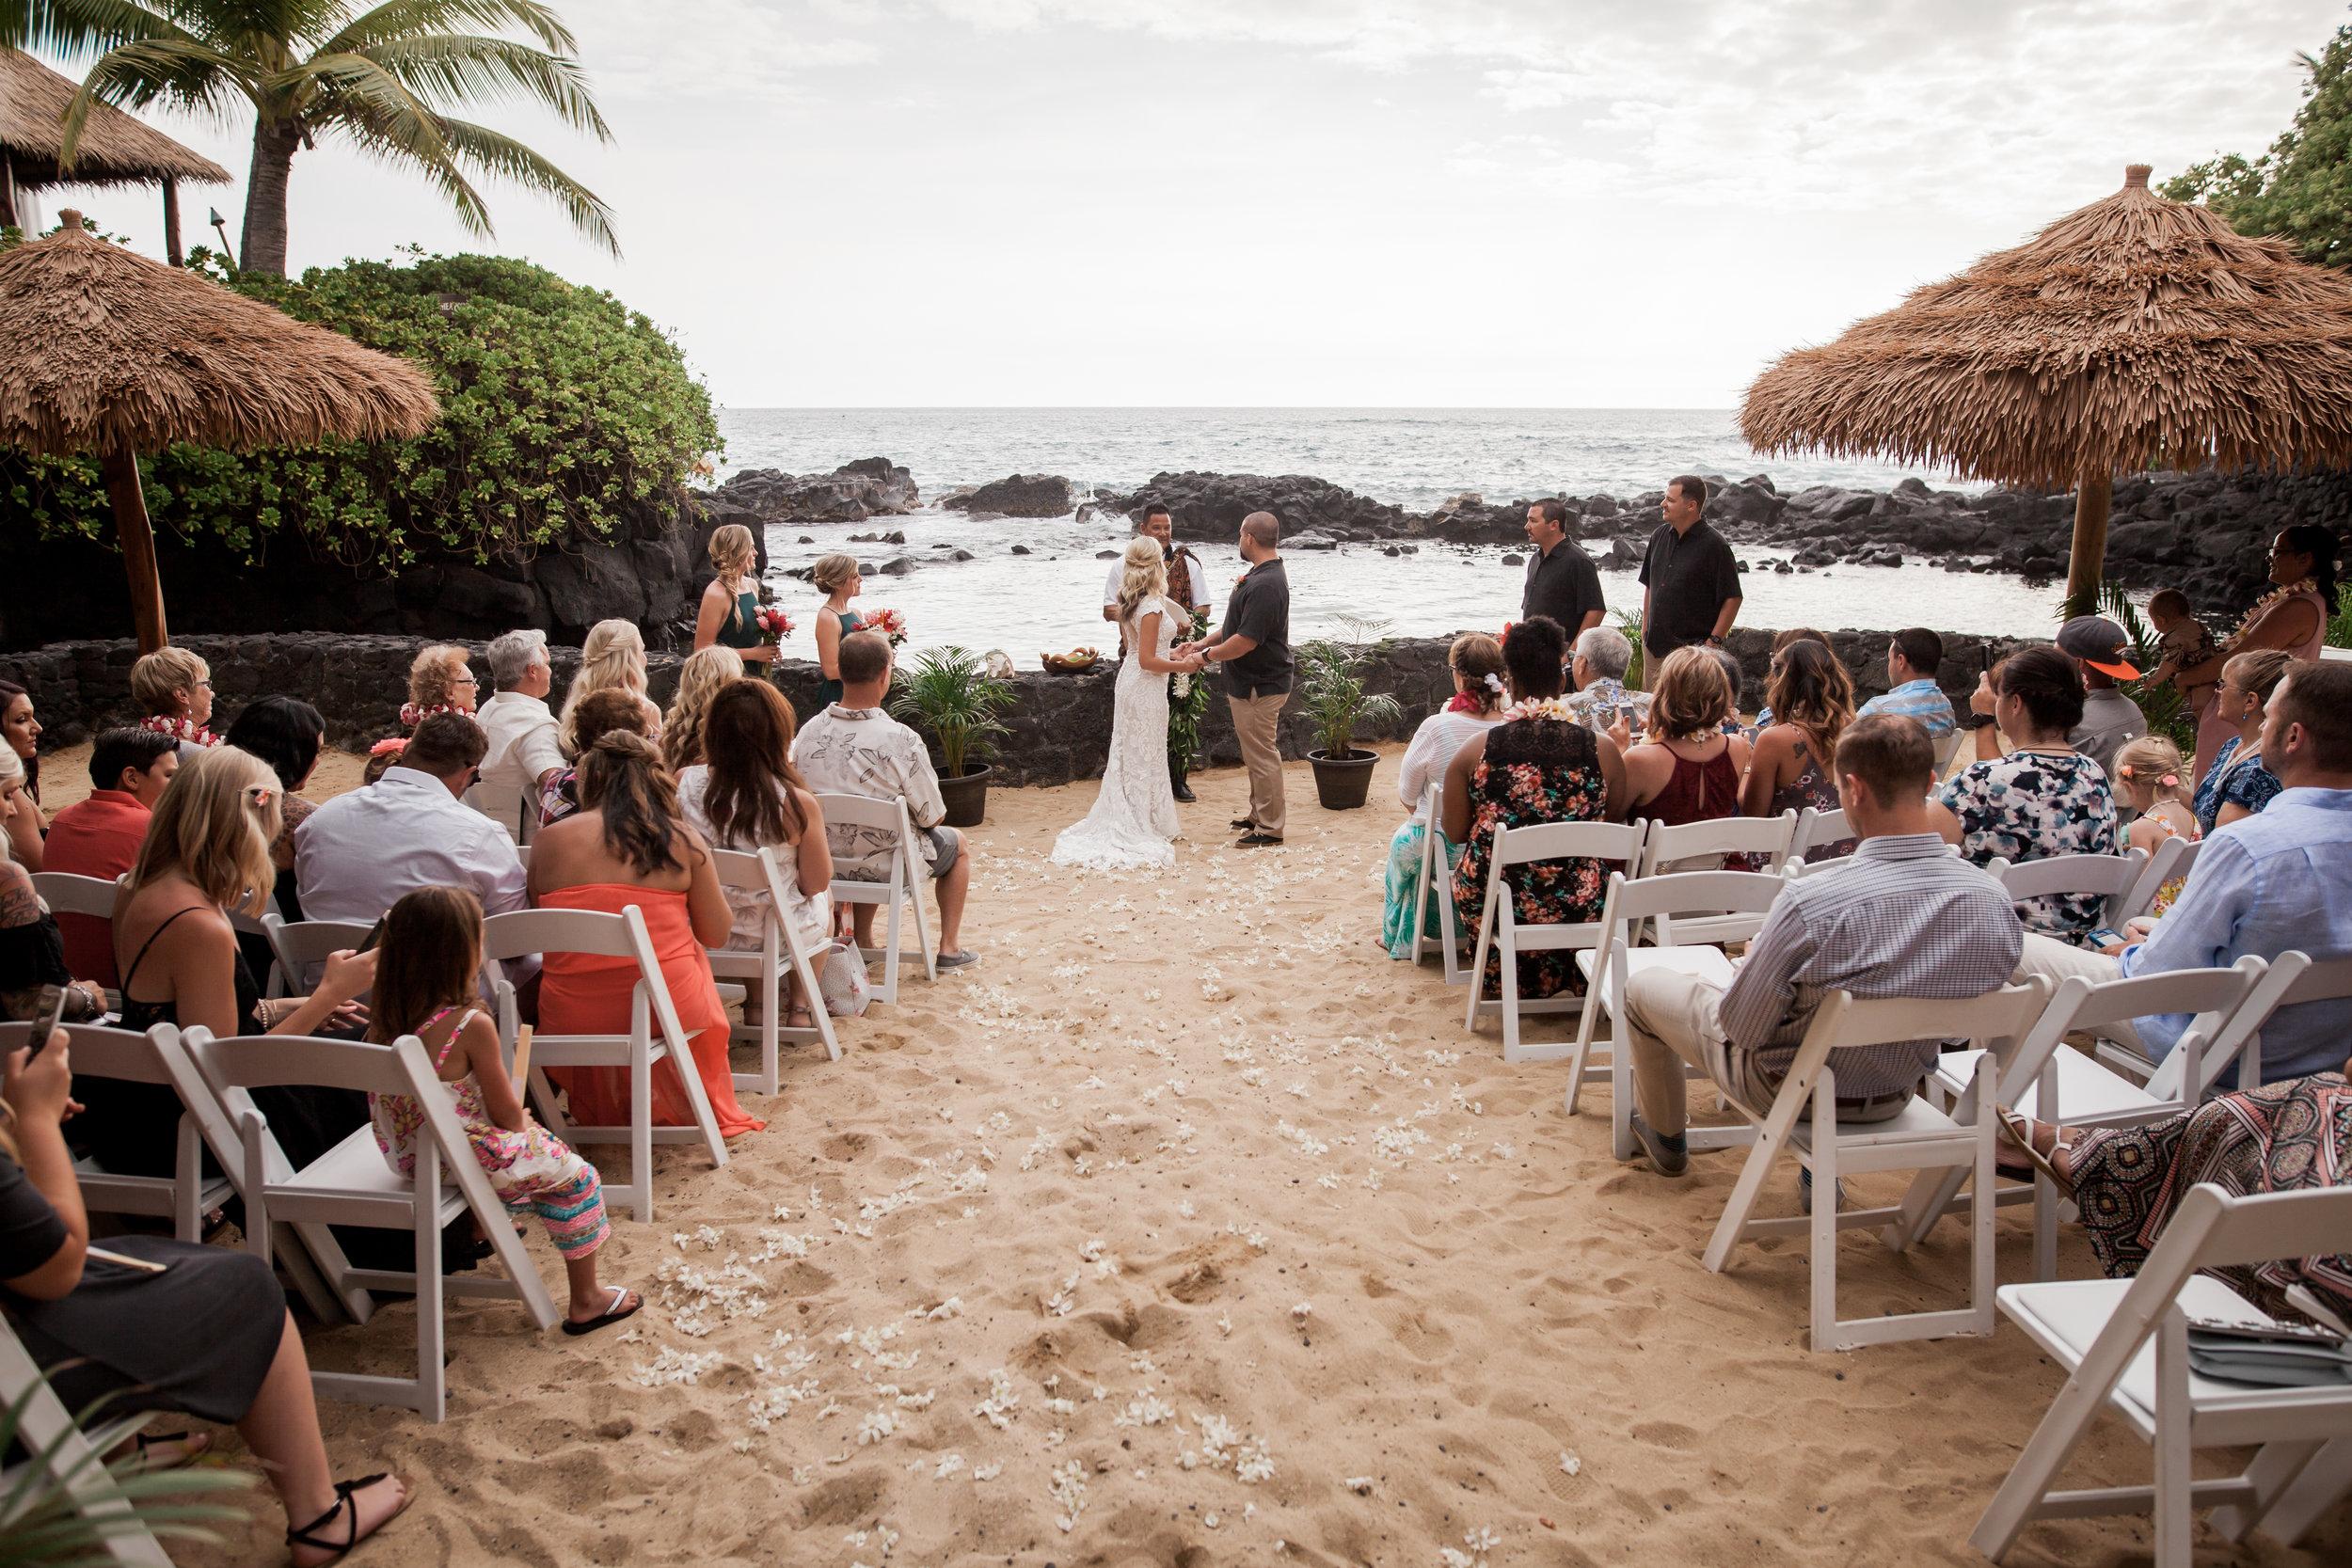 big island hawaii royal kona resort beach wedding © kelilina photography 20170520165349.jpg